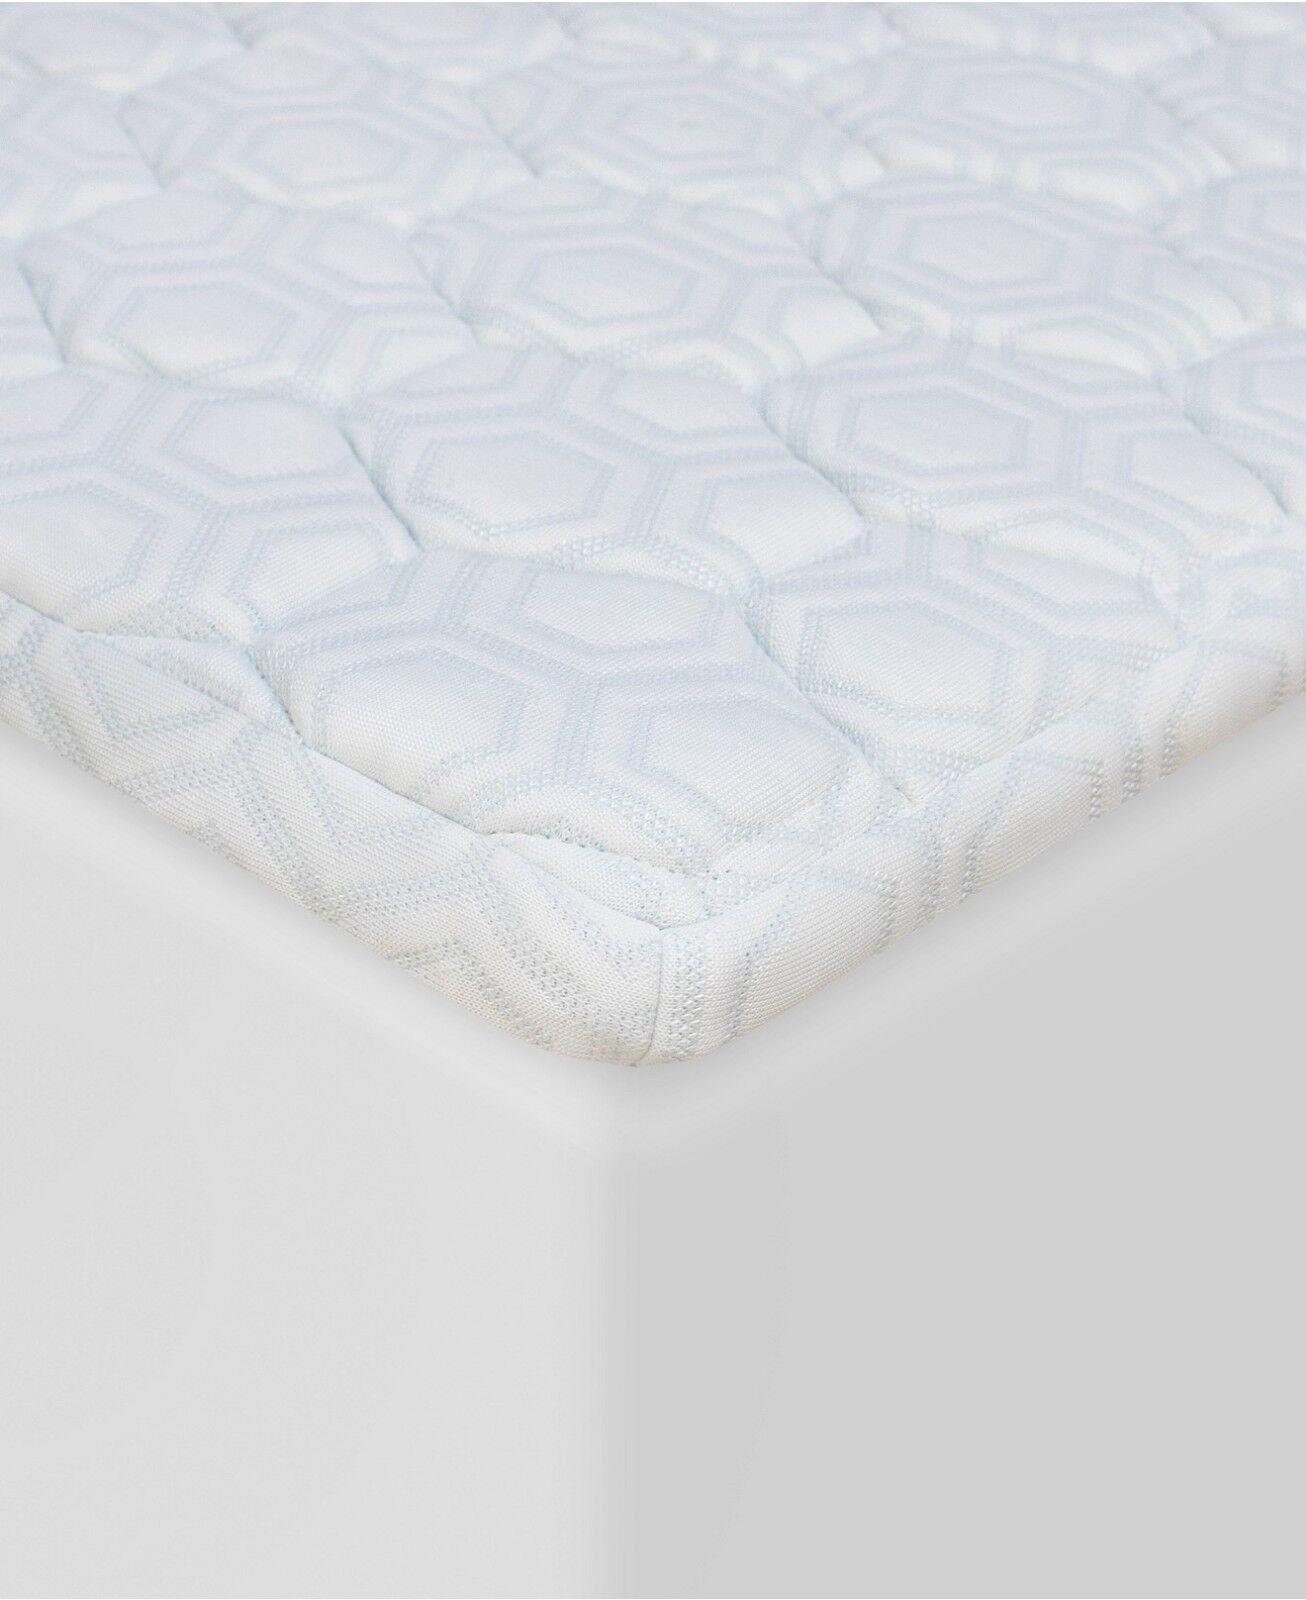 SensorGel Twin Mattress Topper 1.5  Memory Foam Luxury iCOOL E96118